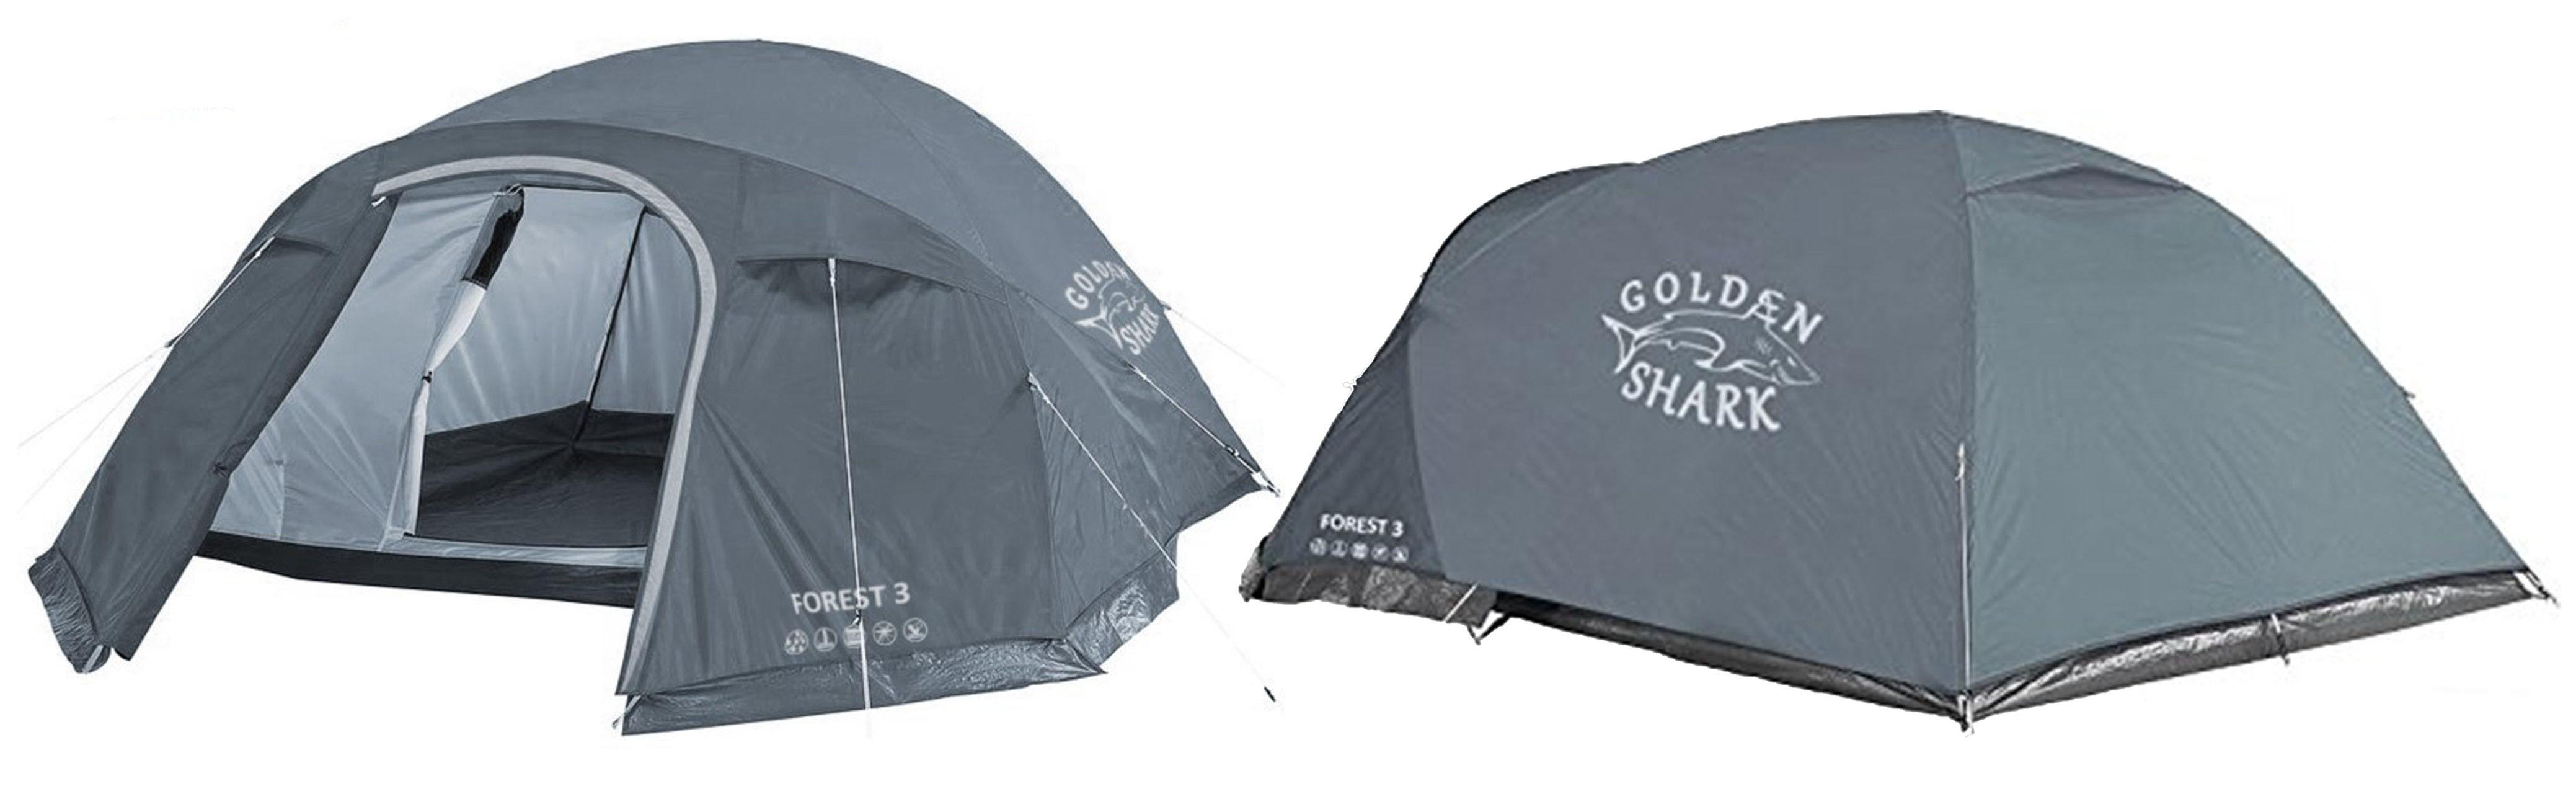 GoldenShark 3 Person Tent